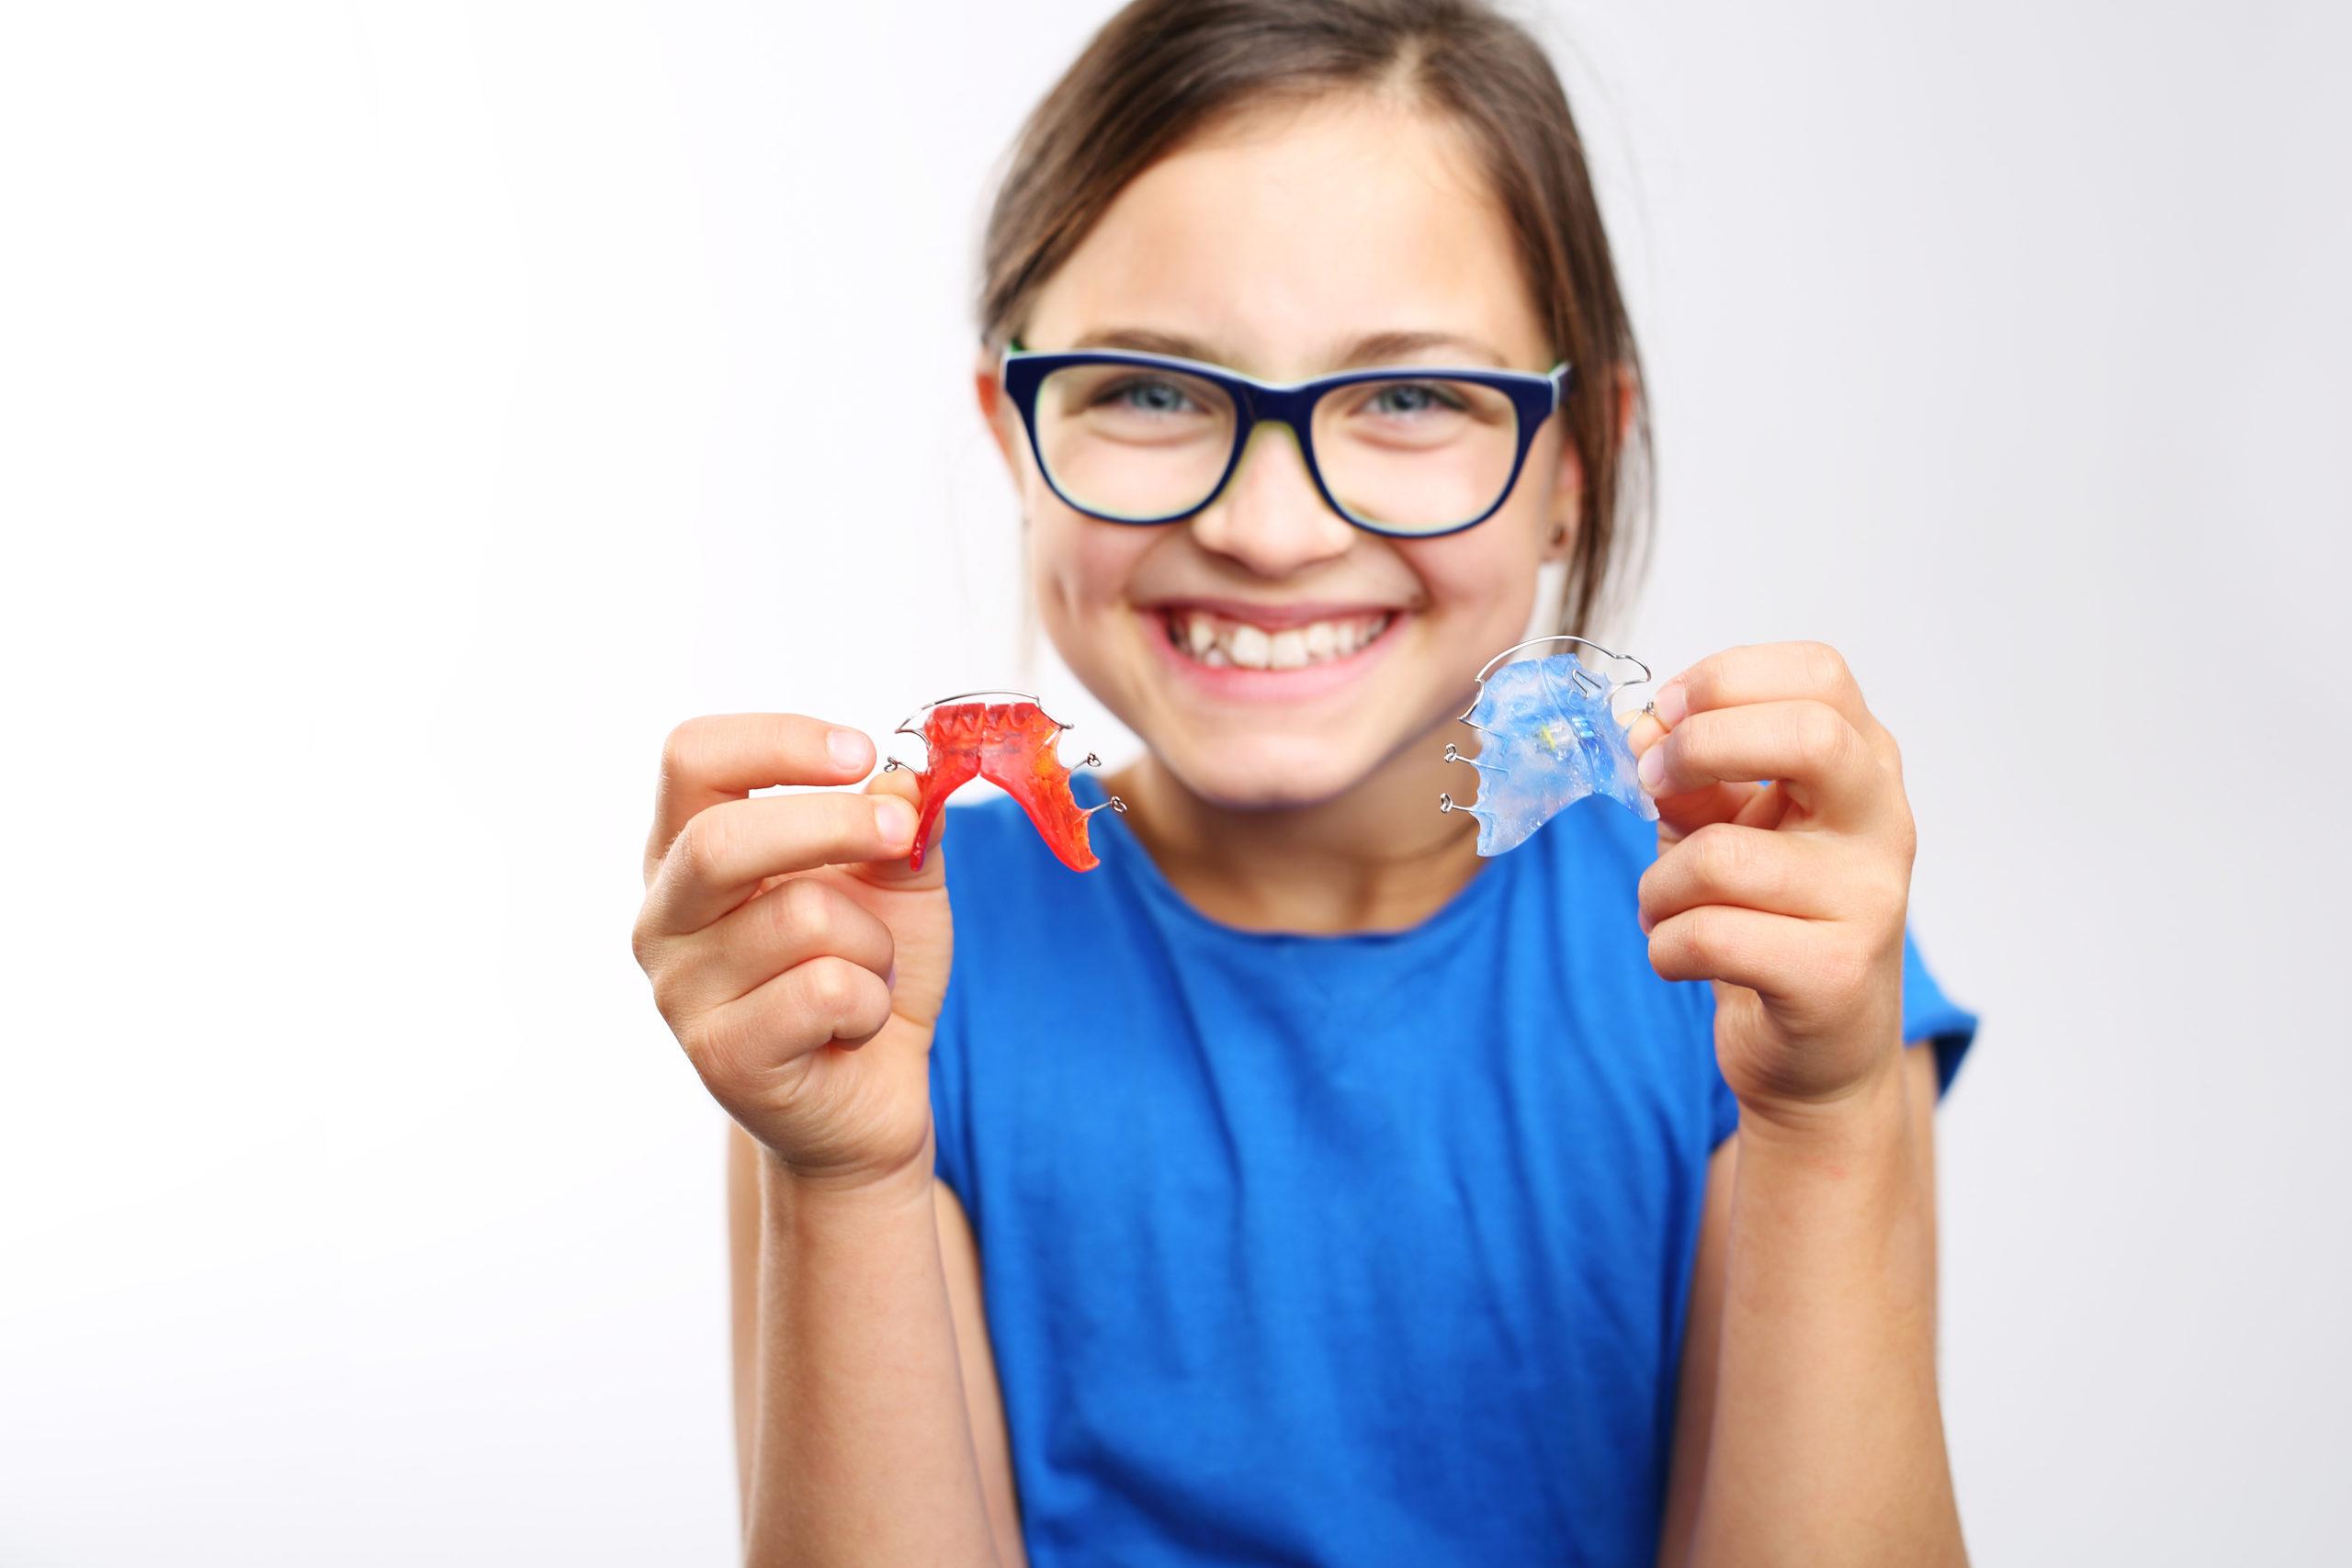 gyermek fogszabályozás - kivehető fogszabályzó Debrecen - szebbfogsor.hu - Royal-Dent